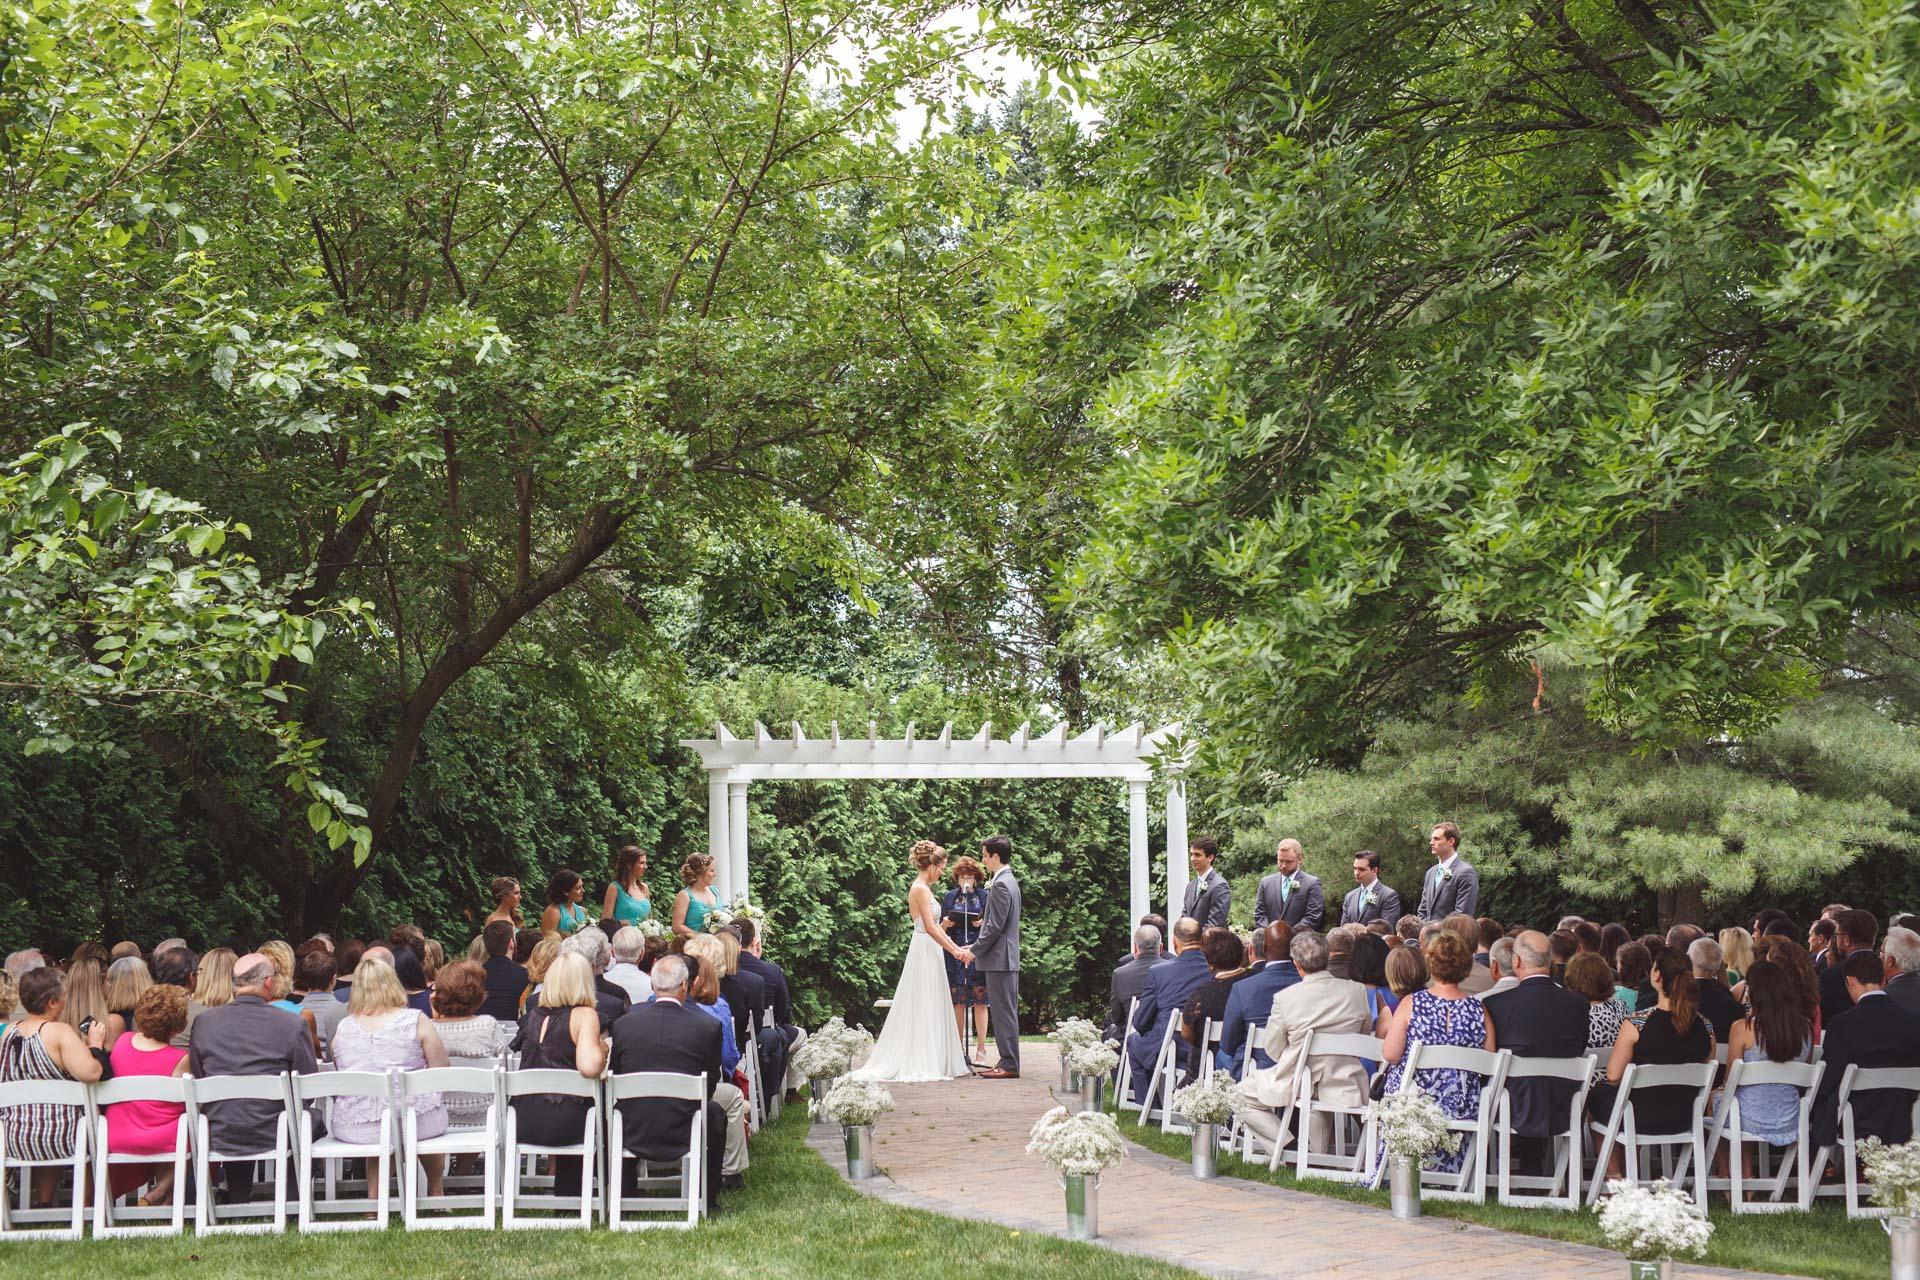 Farmington-Gardens-Wedding-Photos+(32+of+66).jpg